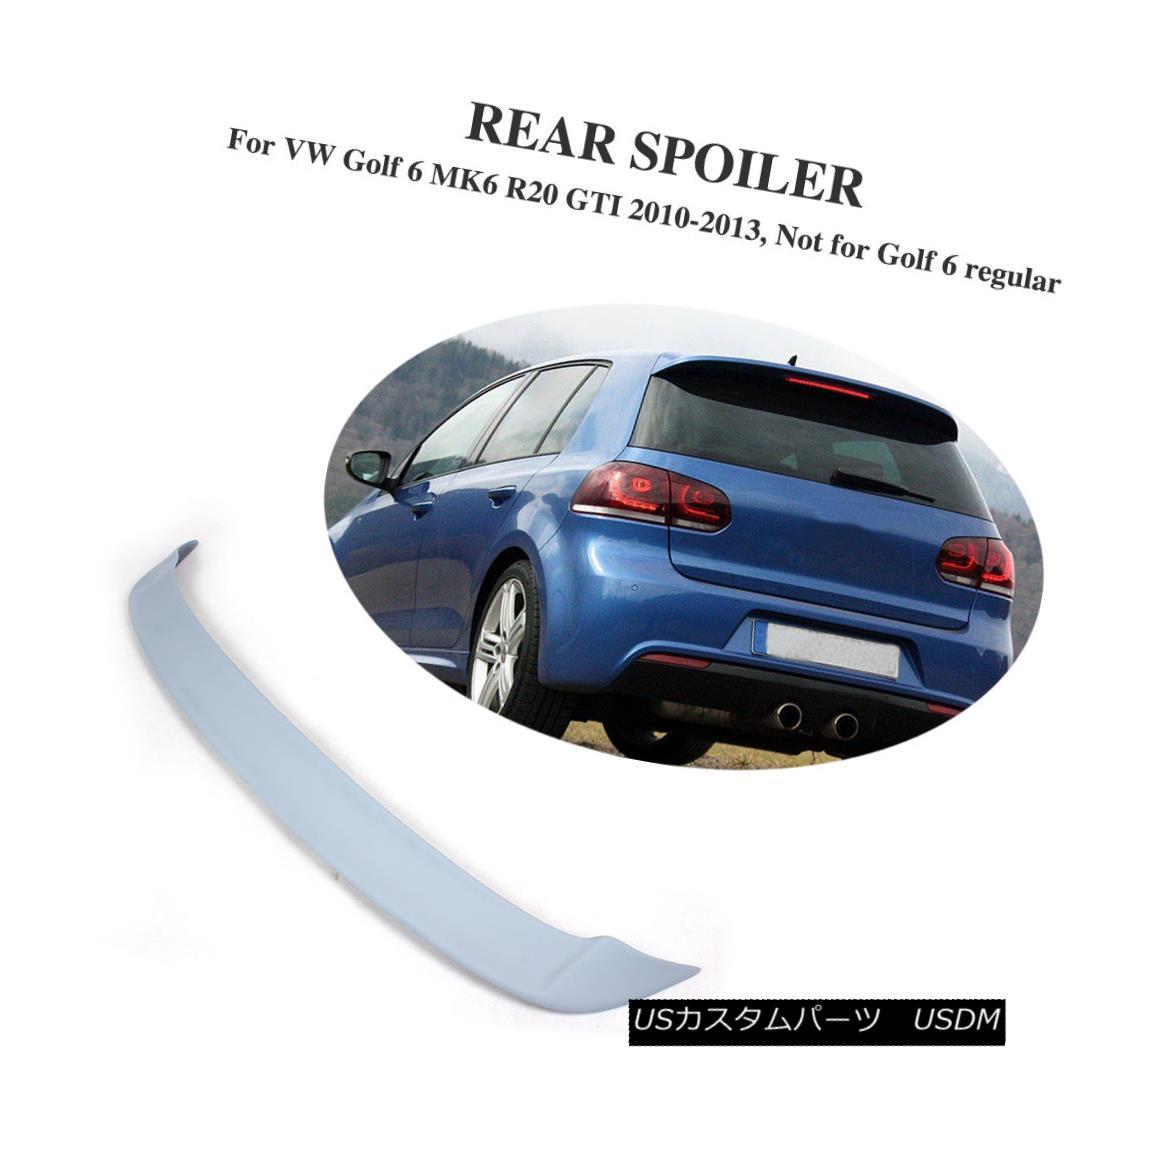 エアロパーツ FRP Auto Rear Roof Spoiler Trunk Wing Fit for VW Golf 6 VI MK6 R20 GTI 2010-2013 VWゴルフ6 VI MK6 R20 GTI 2010-2013のFRP自動リアルーフスポイラートランクウイング